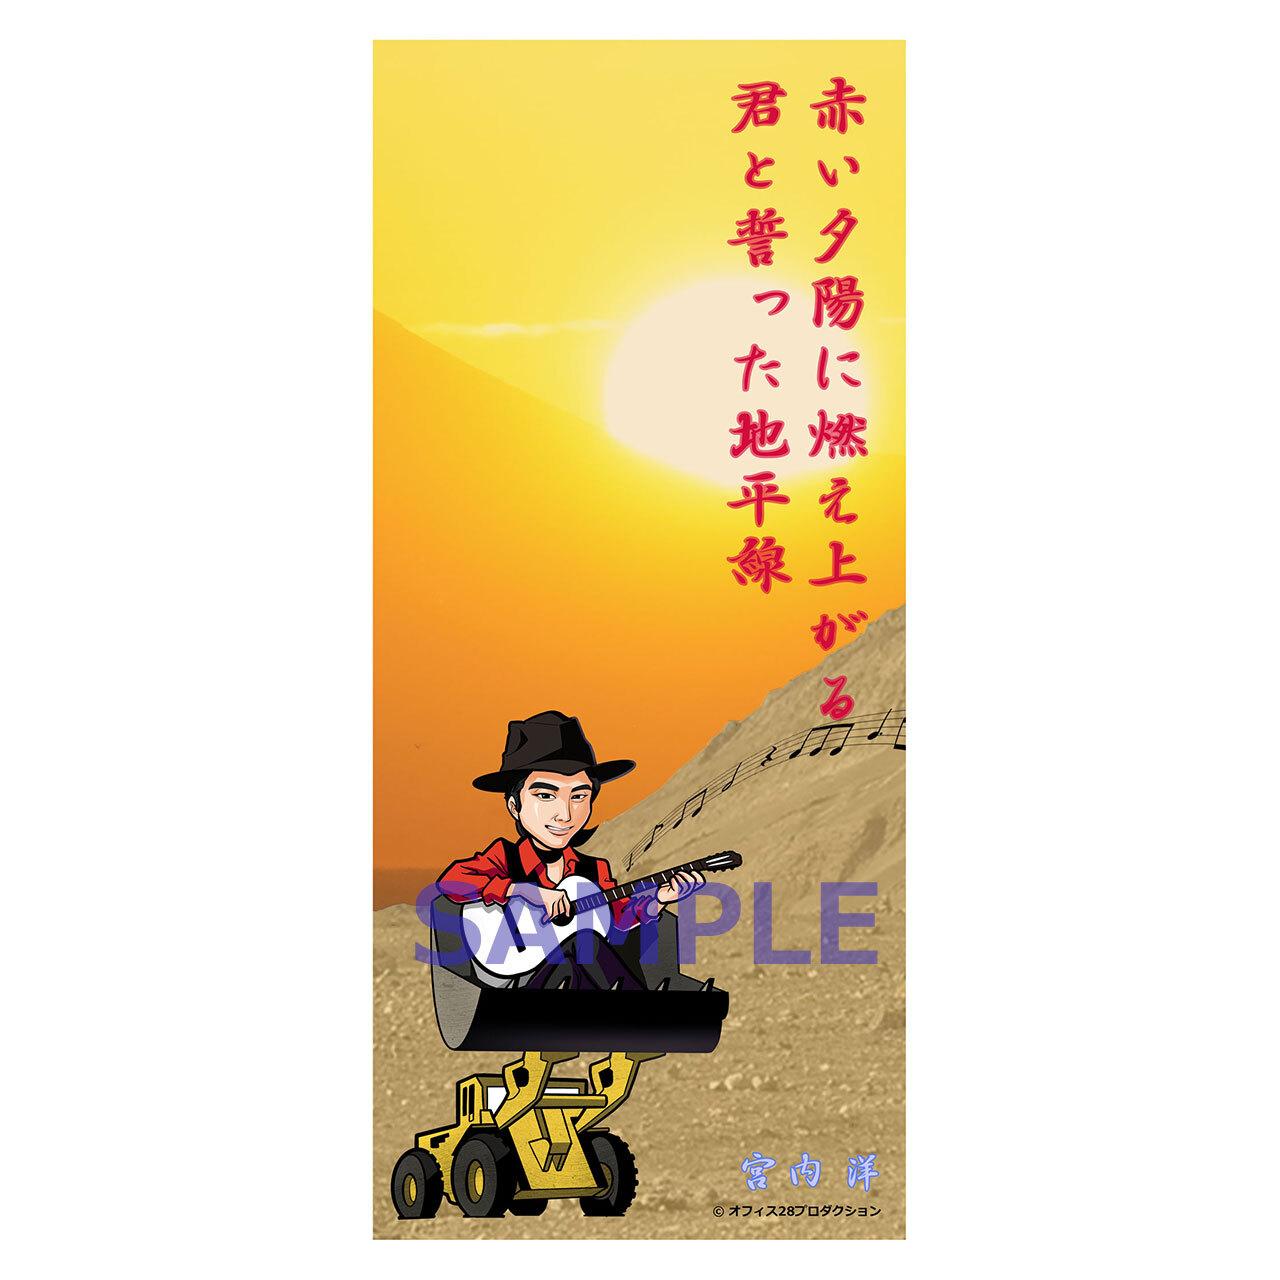 【4589839361248先】宮内洋 スポーツタオル A